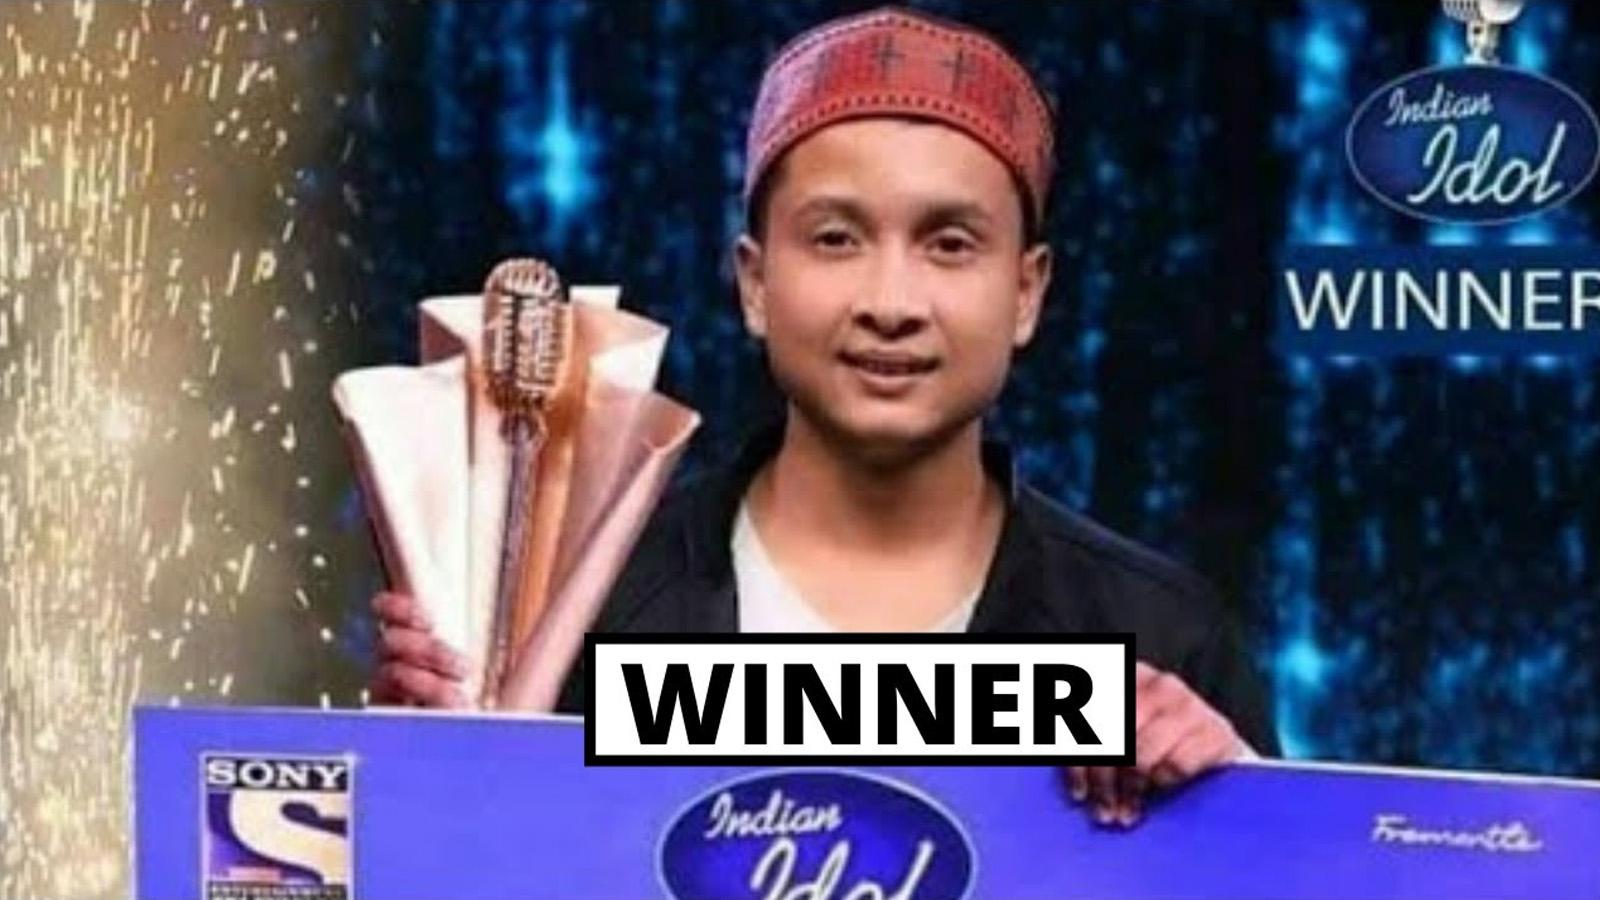 पवनदीप राजन भए 'इन्डियन आइडल १२' को विजेता